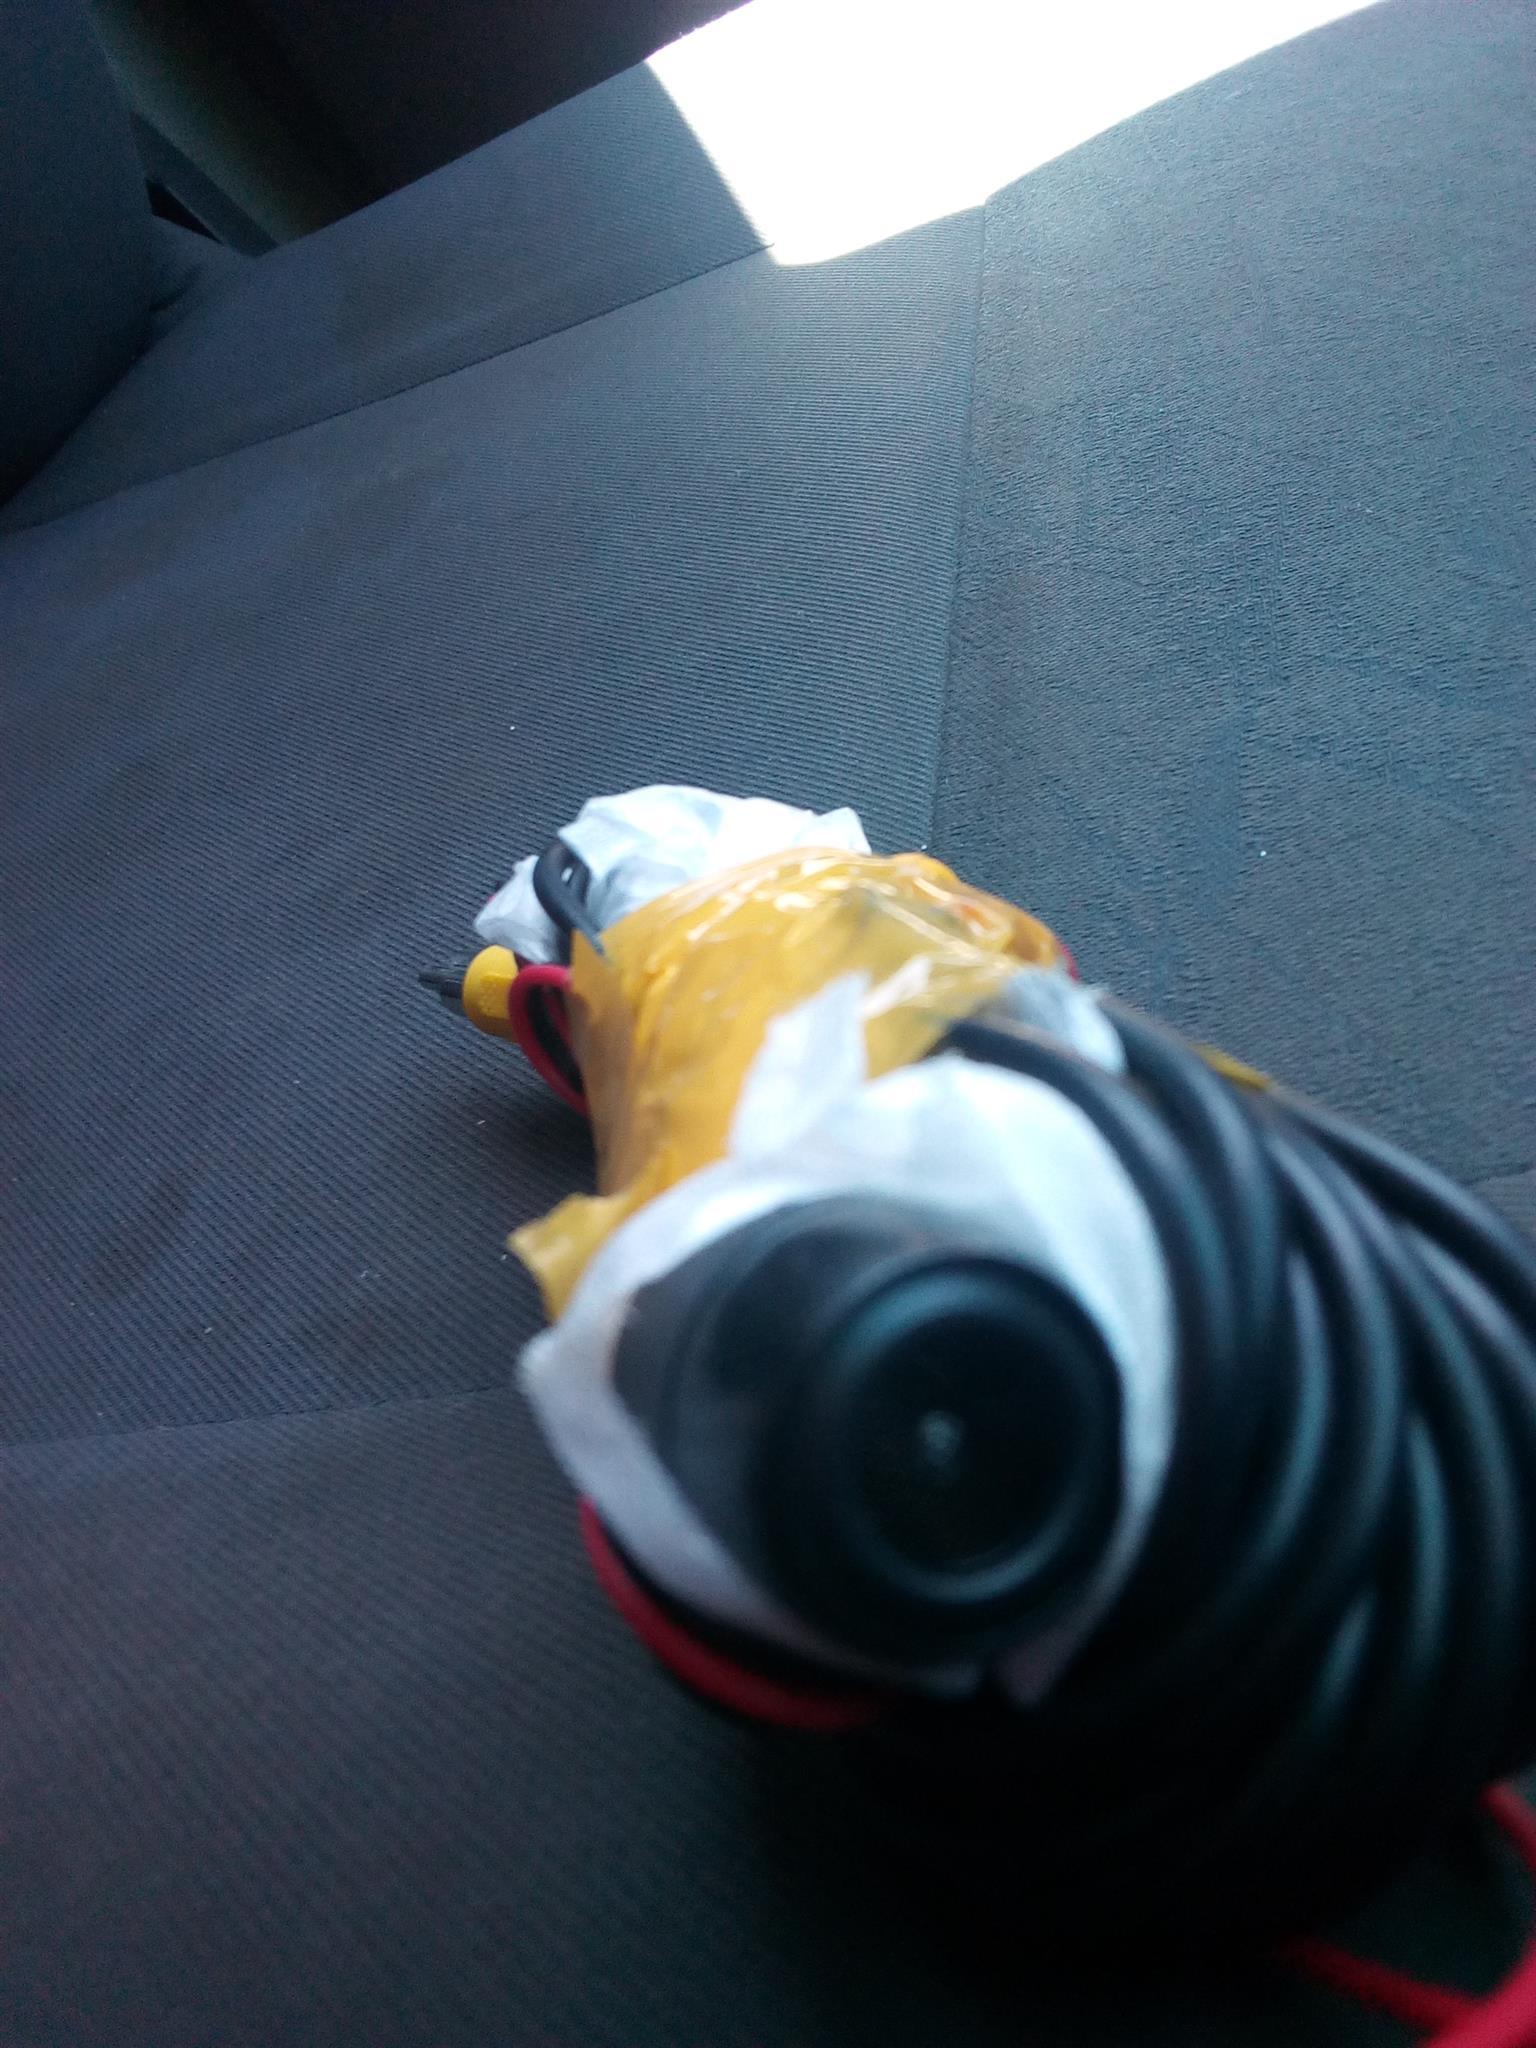 Car rear camera